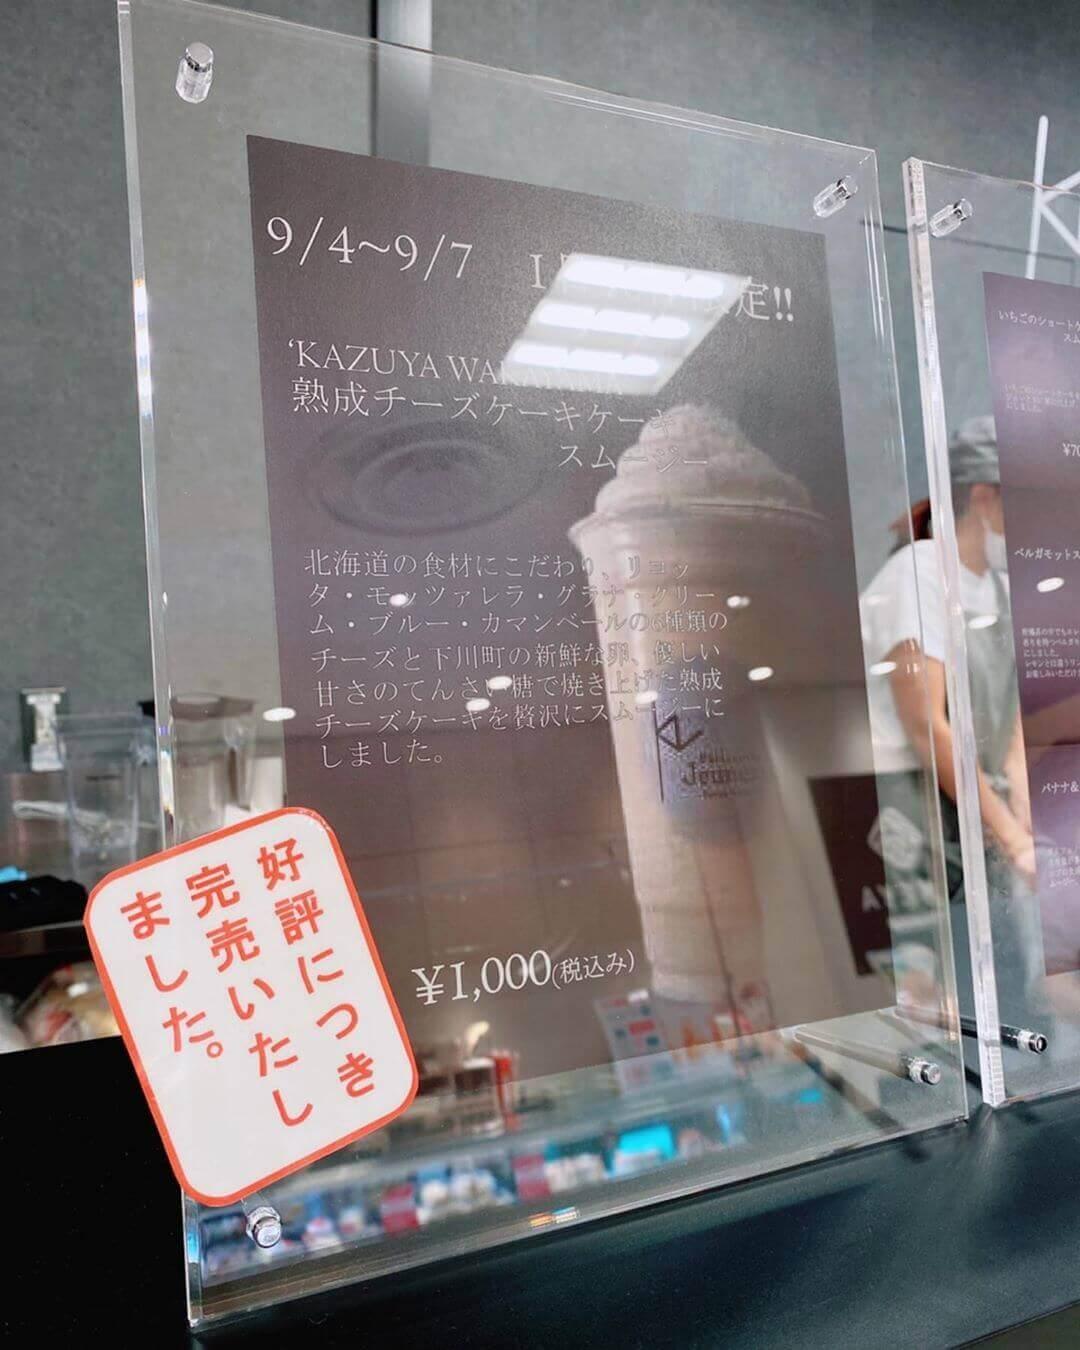 パティスリージョネス エスタ店の熟成チーズケーキスムージーのメニュー表(完売時)